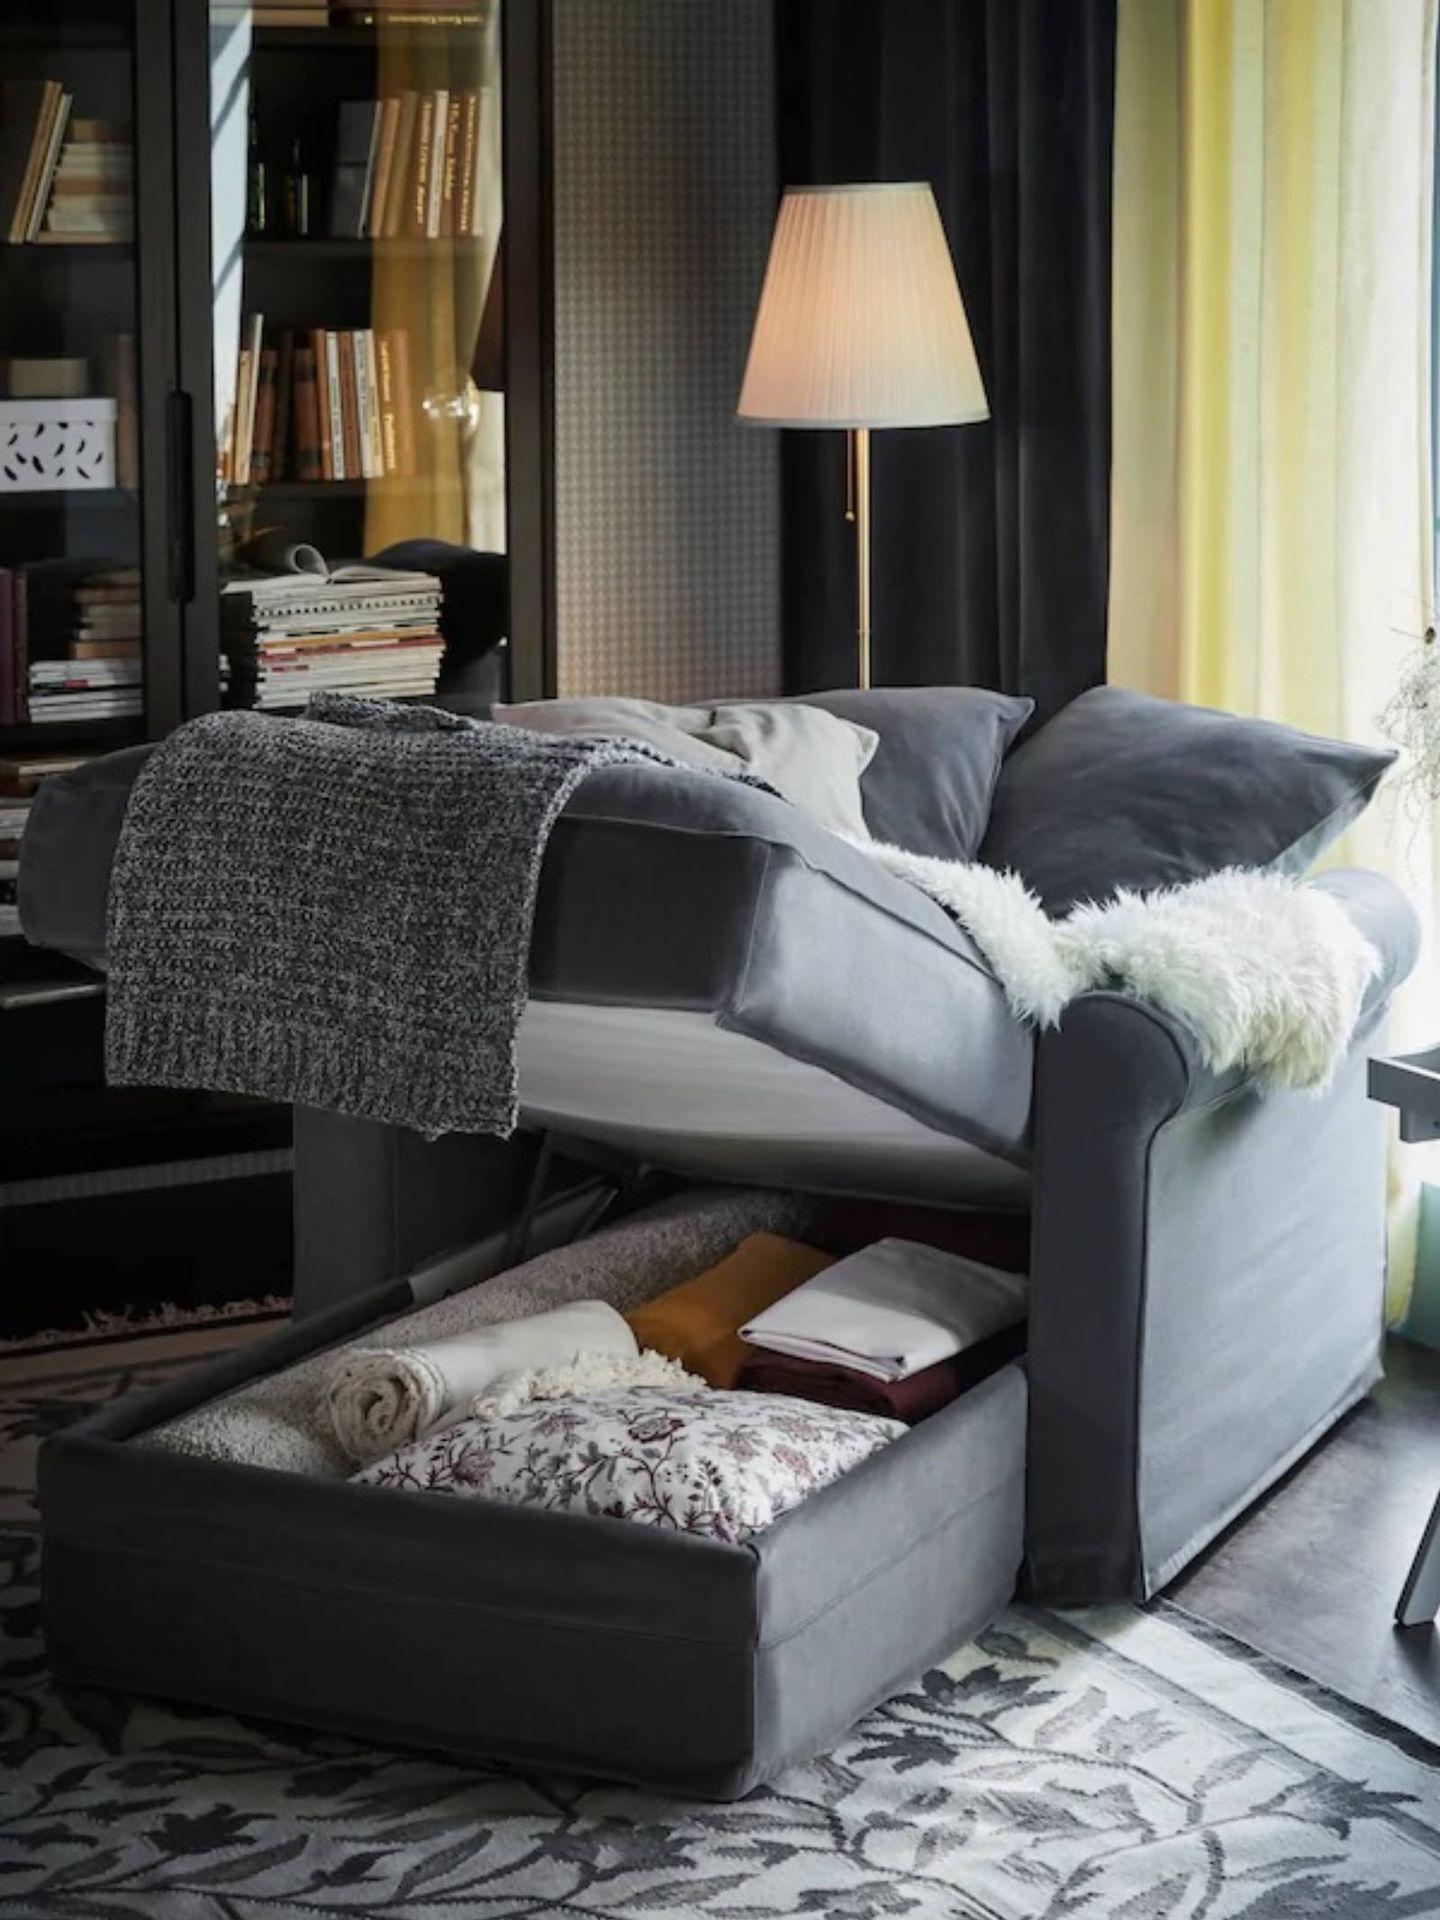 Chaise longue de Ikea para tu rincón de descanso. (Cortesía)